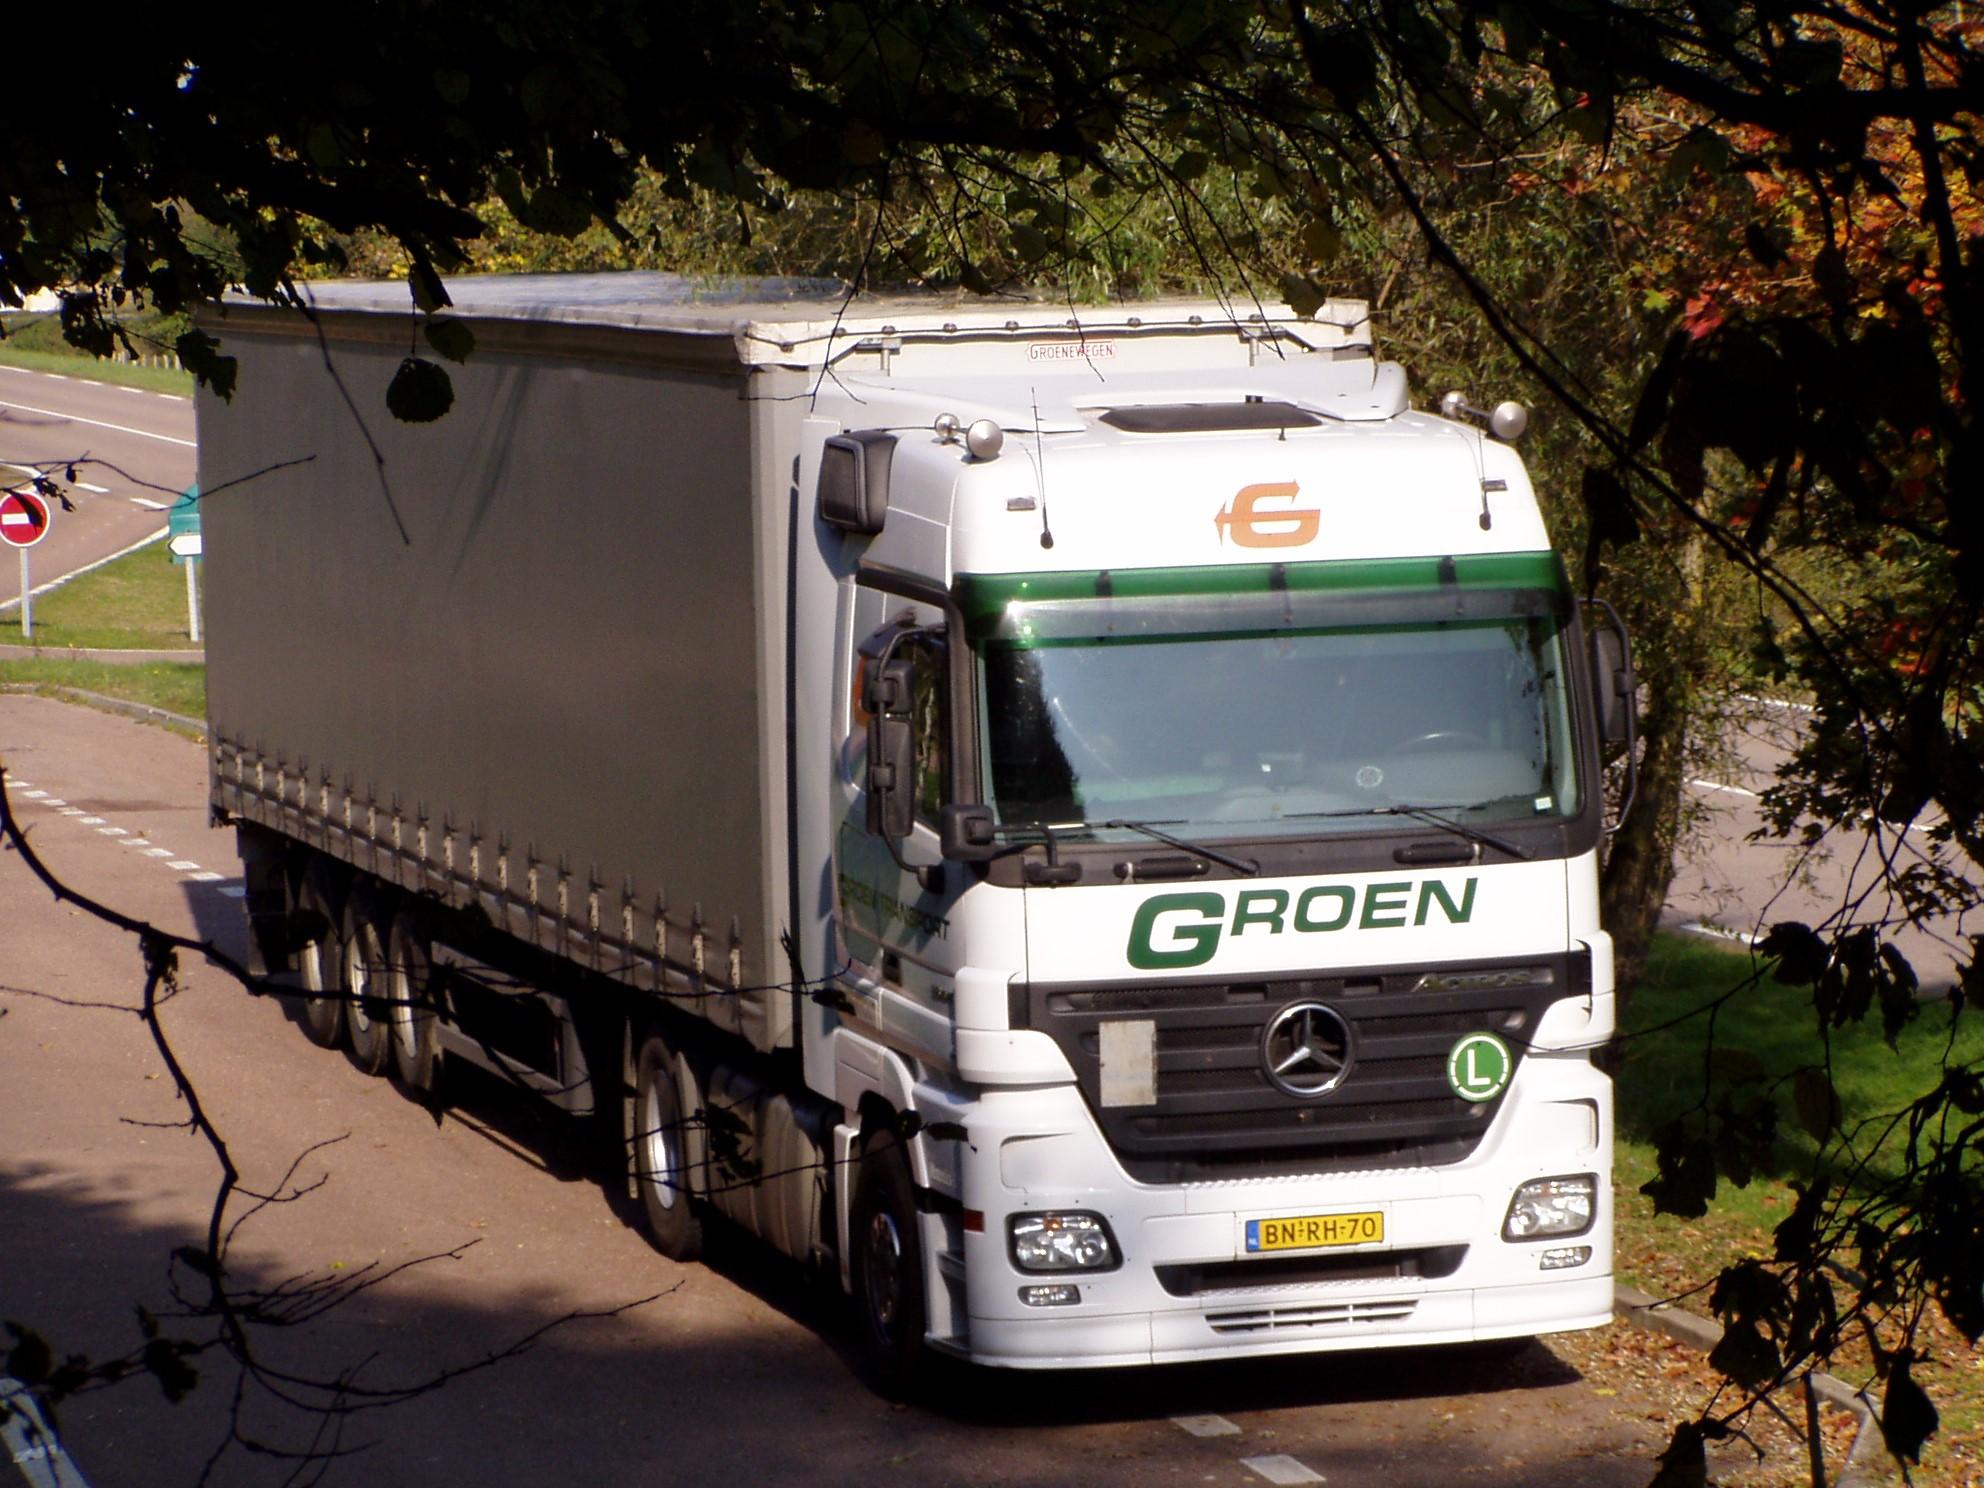 Groen-transport-heeft-de-wagen-verhuurd-aan-Lucas-in-Raamdonksveer-met-chauffeur-Ger-van-Vlimmeren--2007--(3)